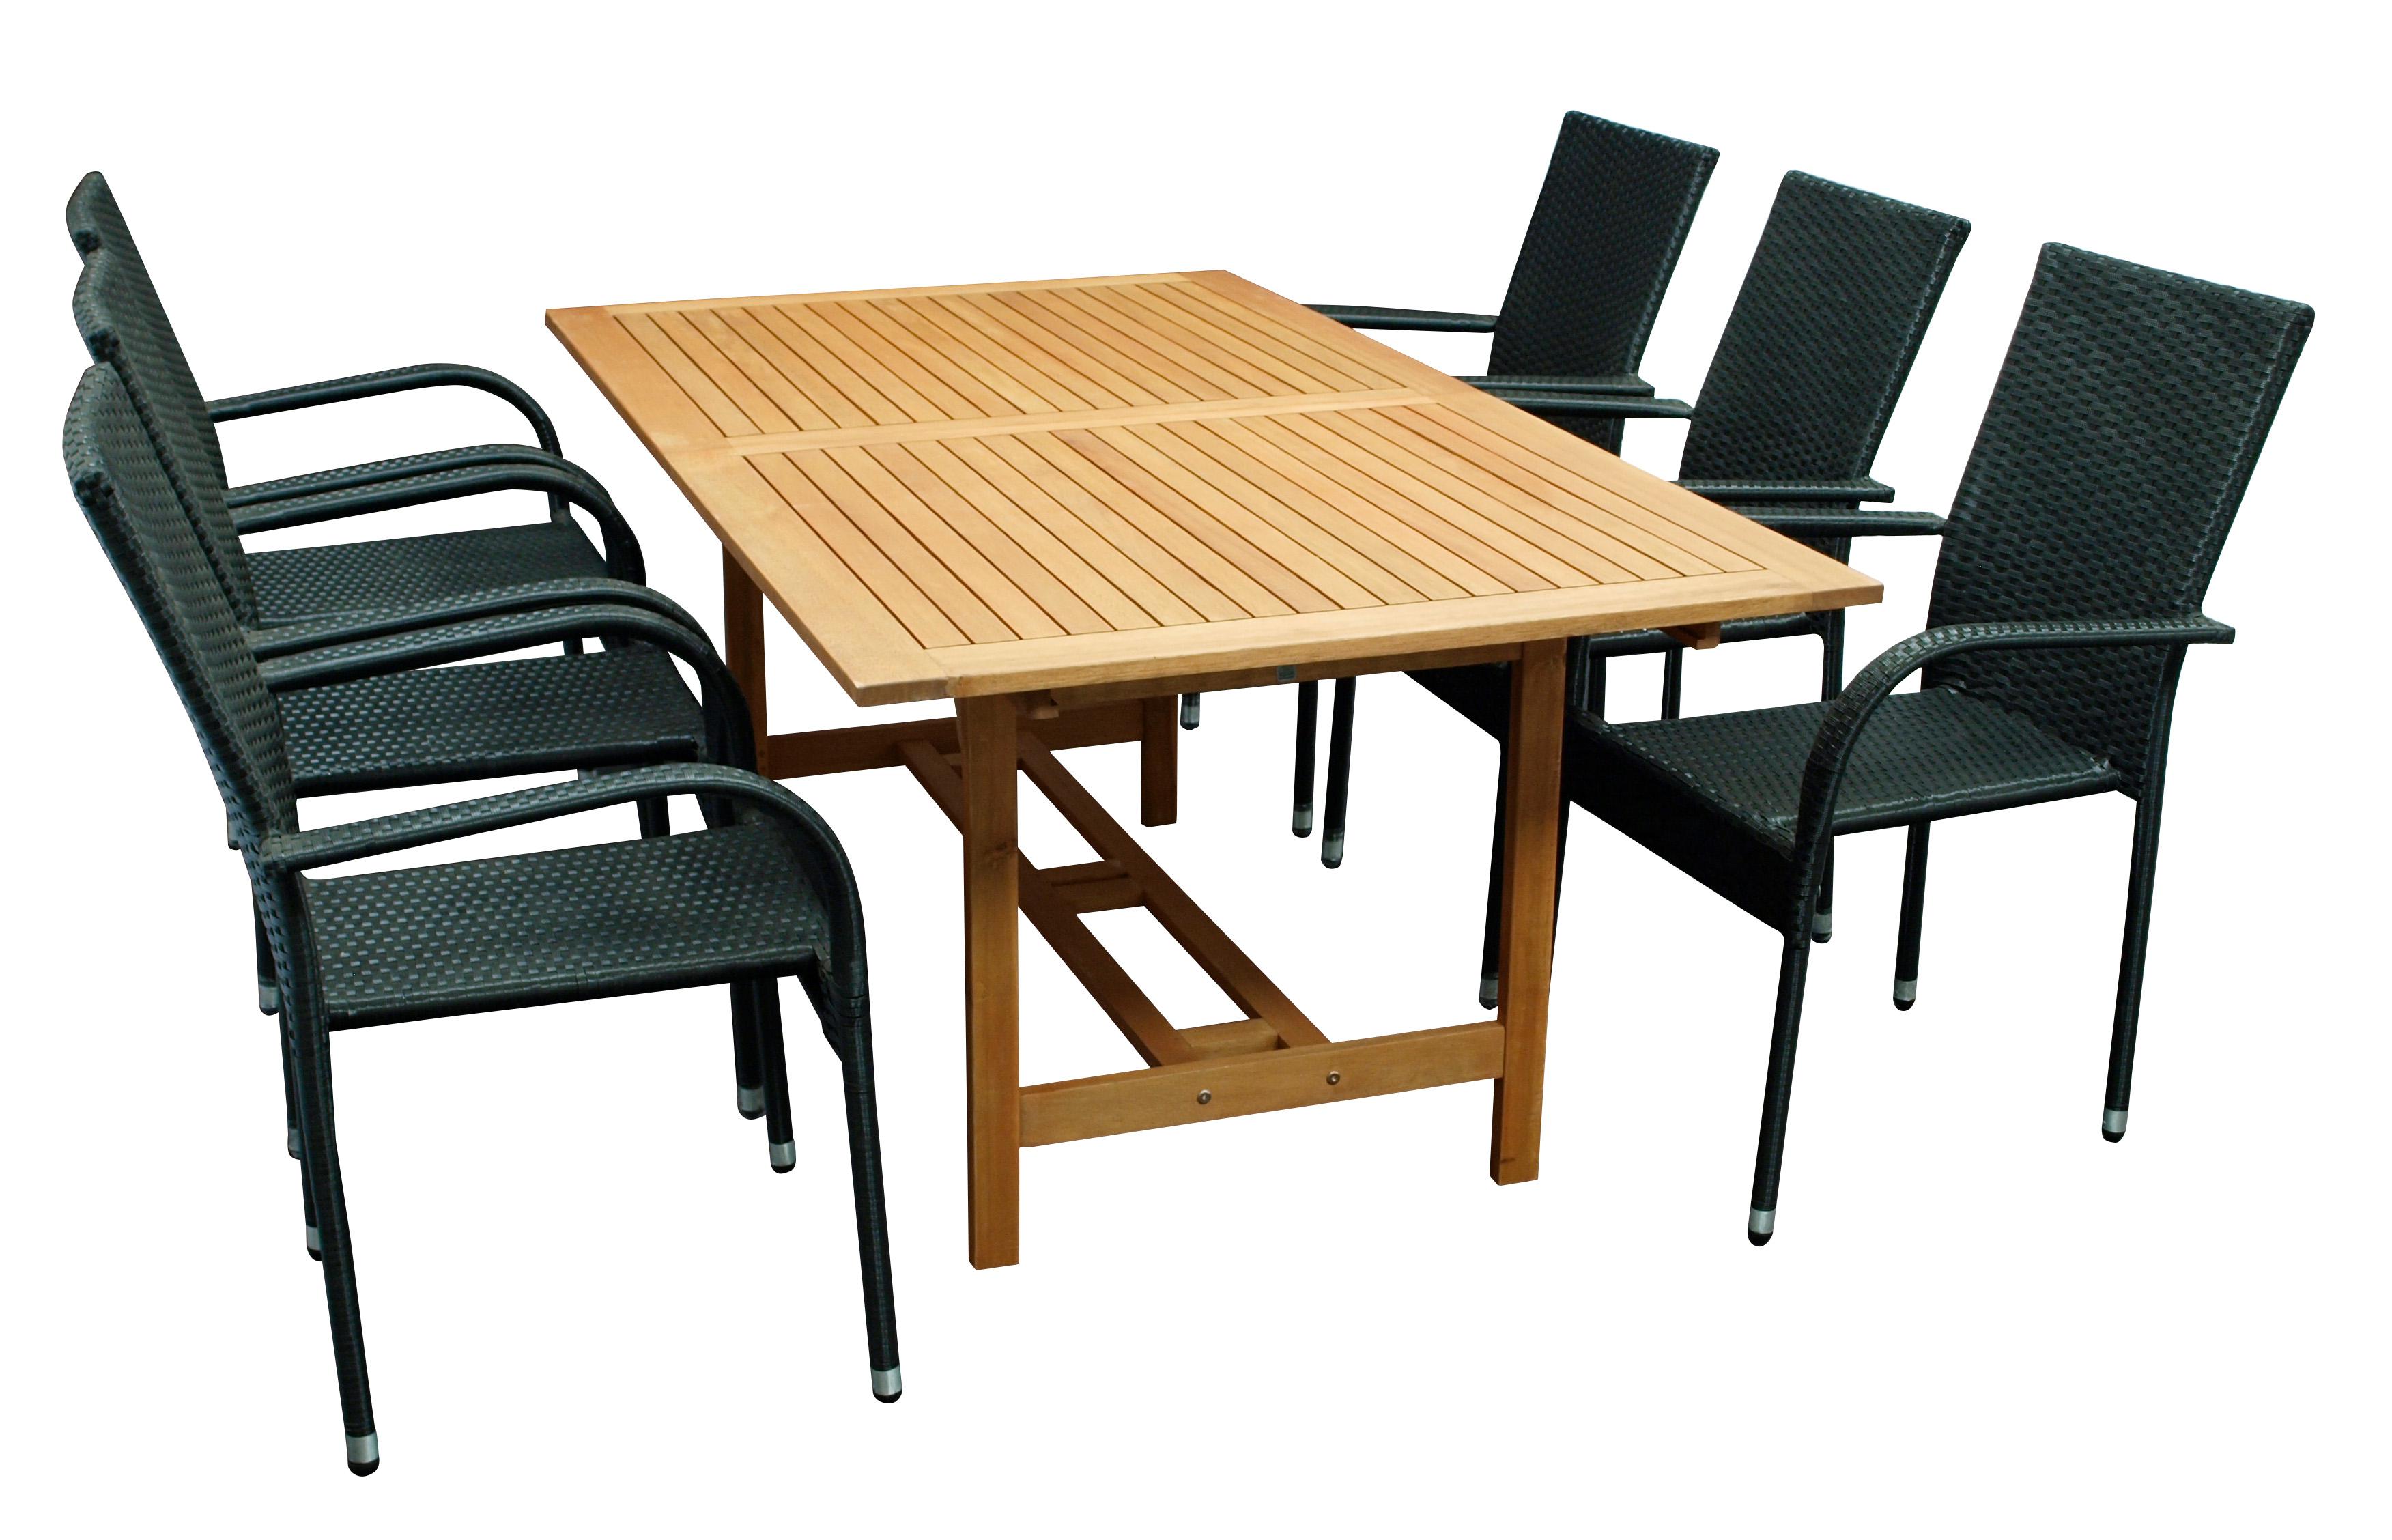 Garnitur VIENNA II 7-teilig, Eukalyptus, Stahl + Polyrattan schwarz